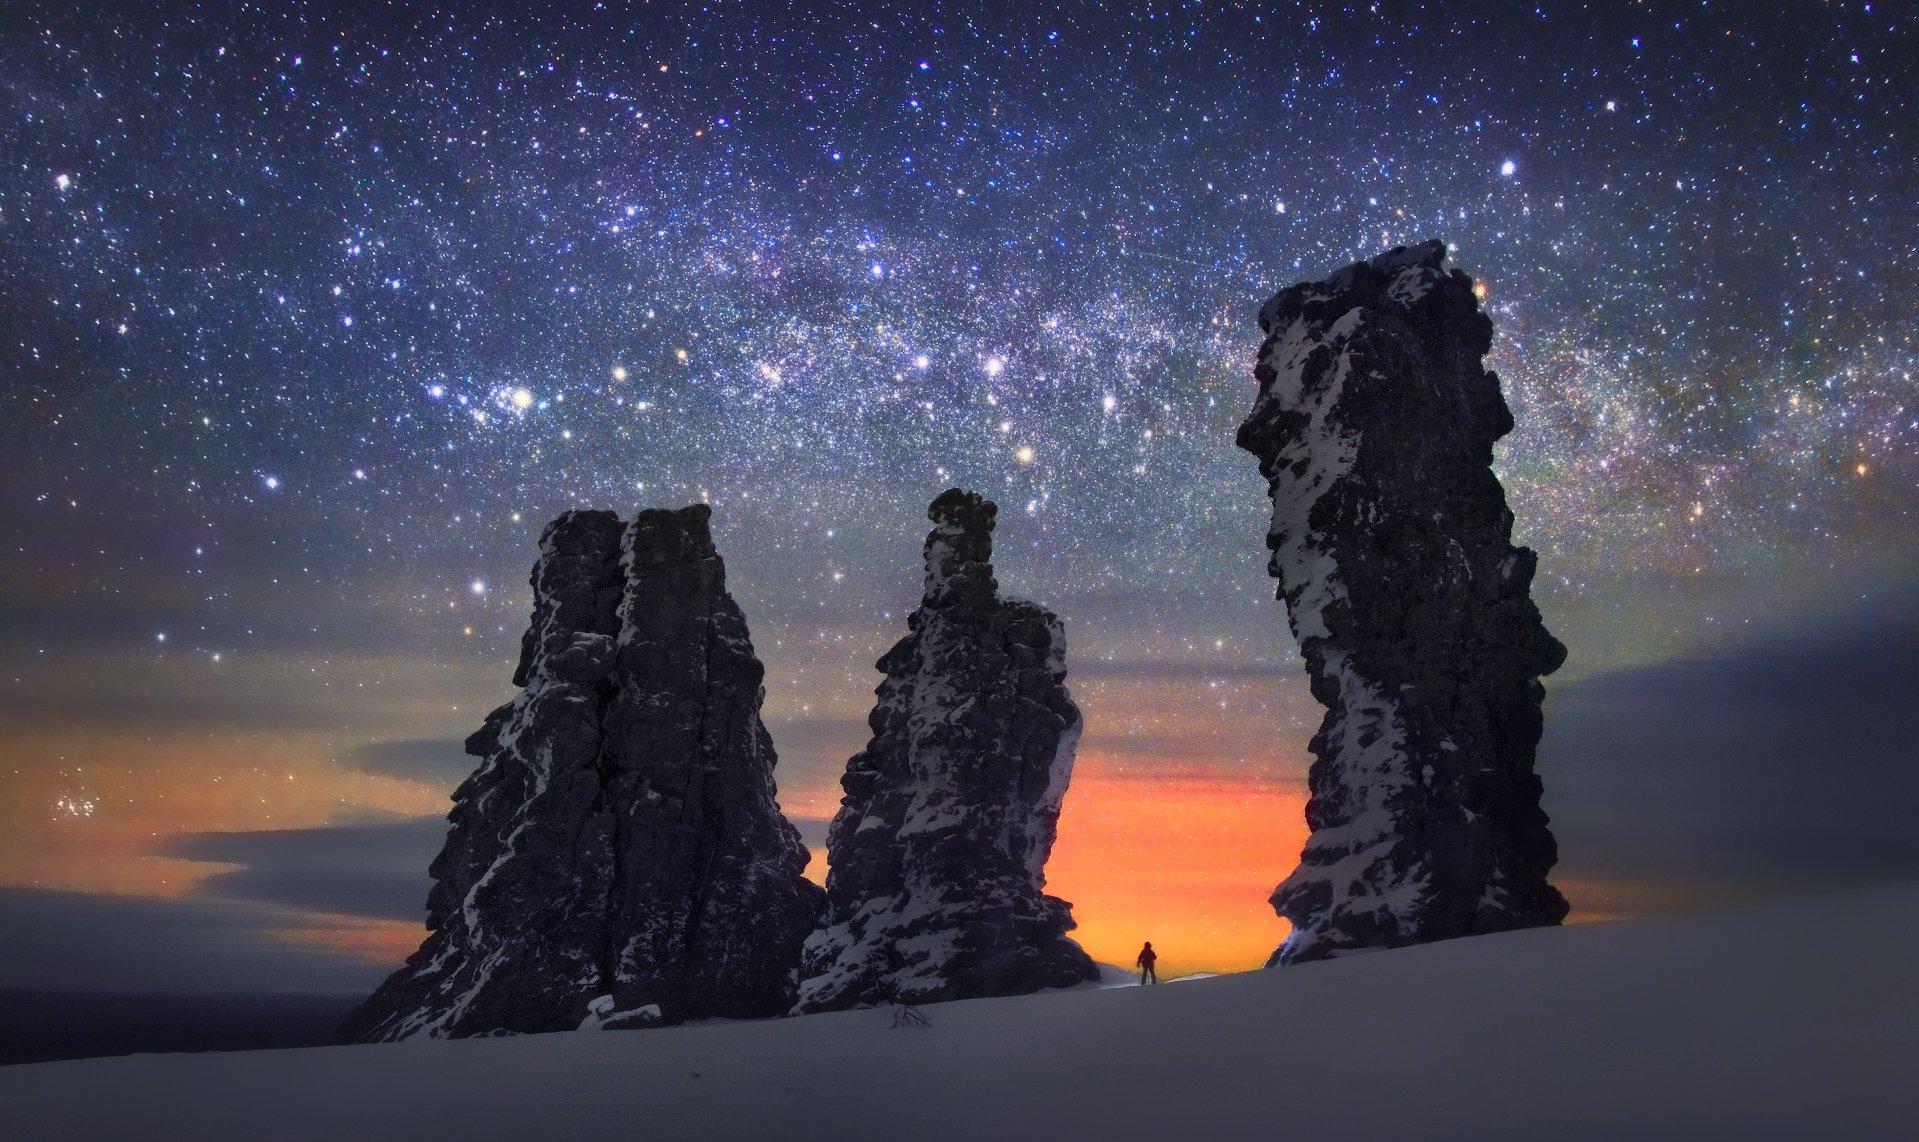 landscape, nature, ural, winter, rocks, weathering posts, manpupunier, phototour, plateau of giants, north ural, урал, зима, снег, горы, скалы, останцы, столбы выветривания, мансийские болваны, путешествия, фототур, снегоходный тур, пейзаж, природа, ночь,, Бродяга с севера